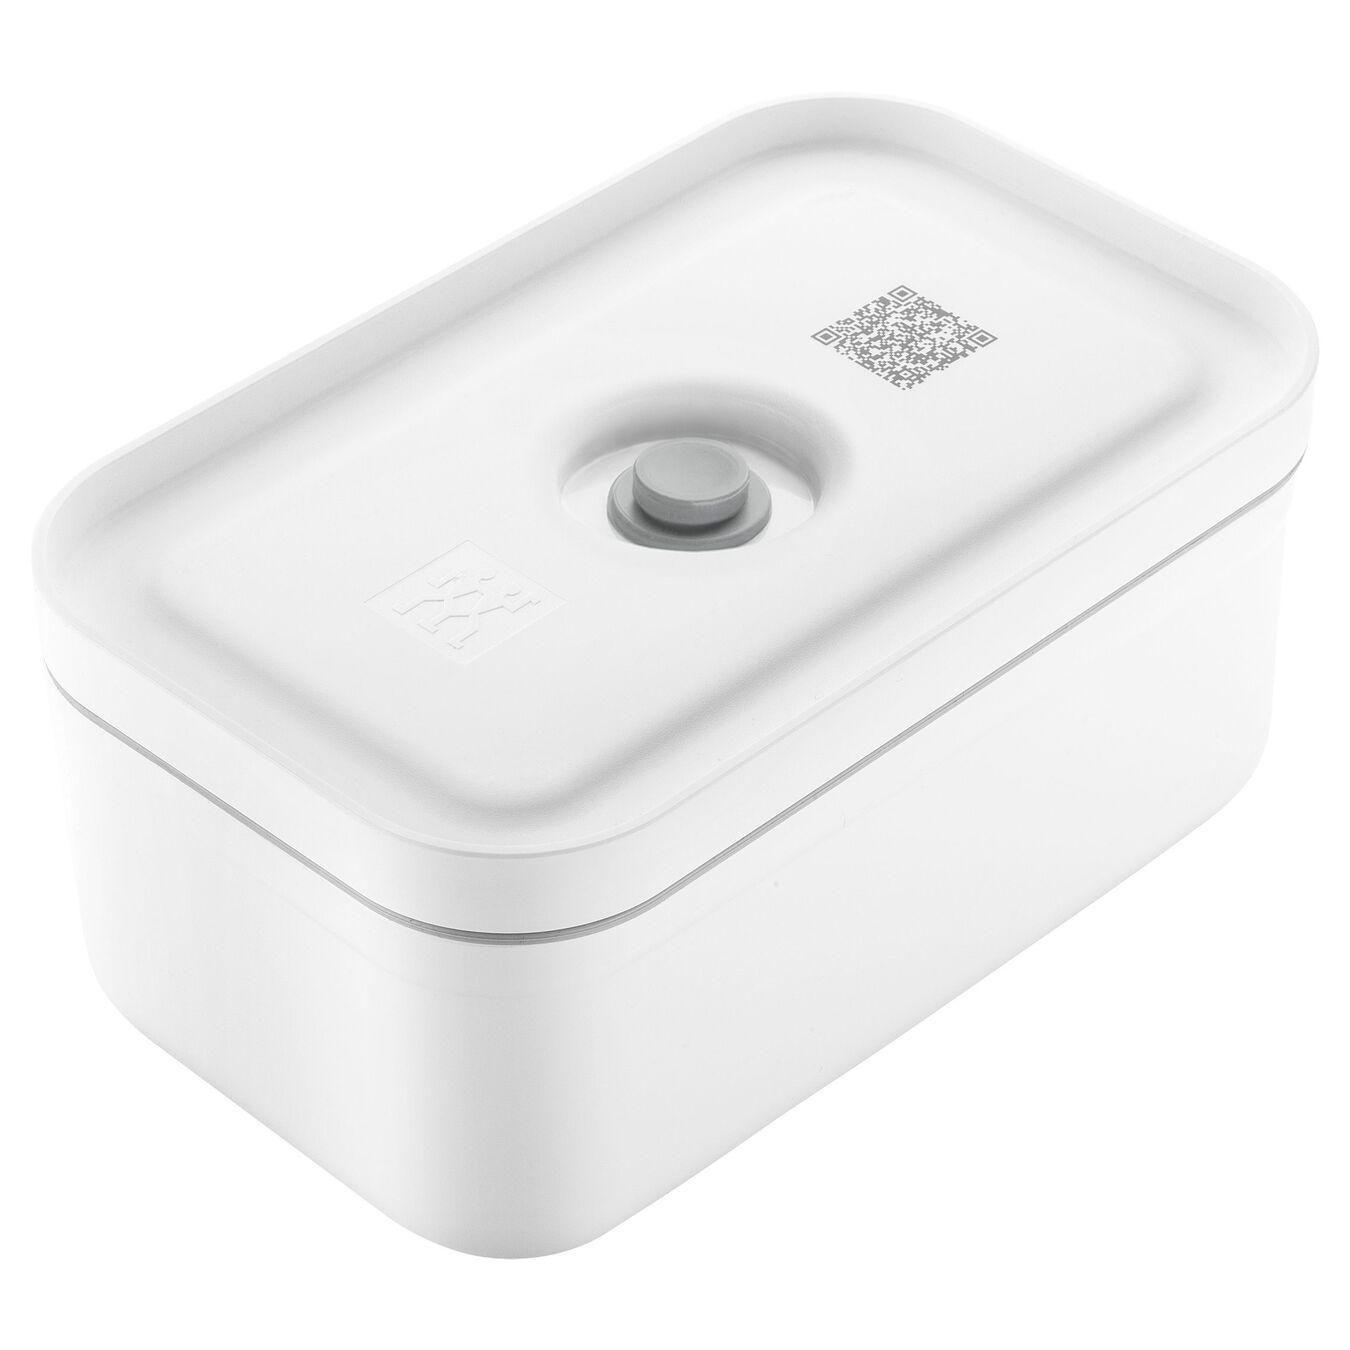 Vakumlu Yemek Kabı, M, Plastik, Beyaz,,large 1